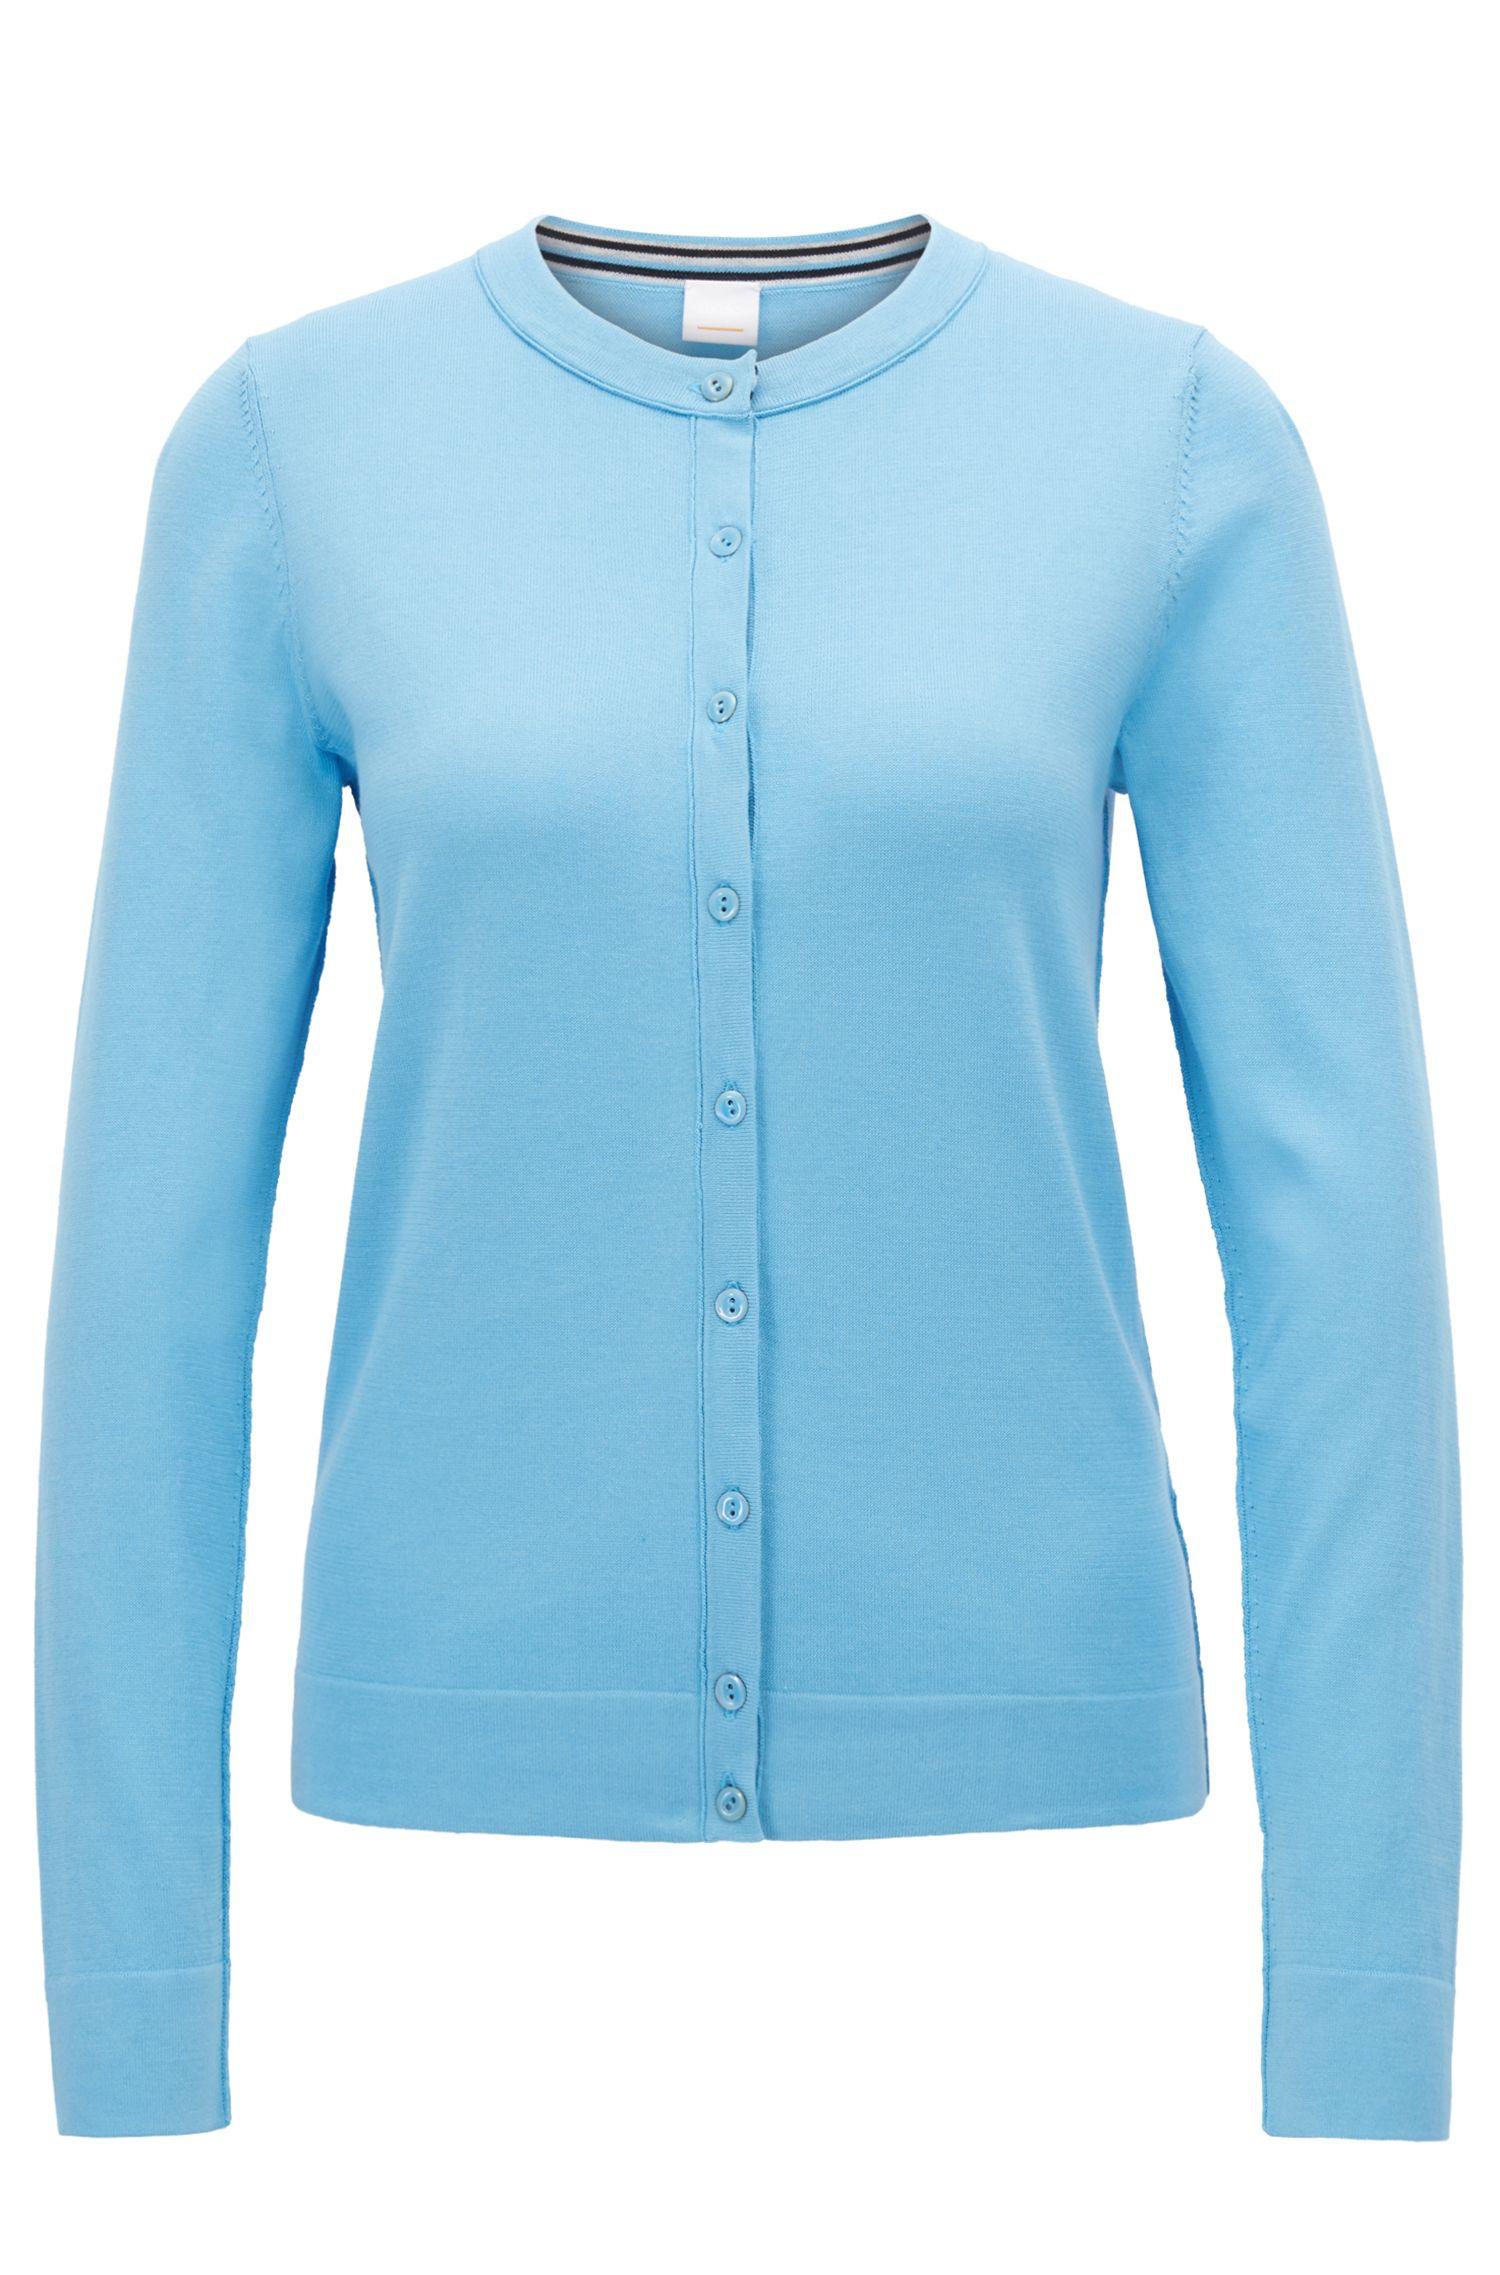 Cardigan in maglia in misto jersey di cotone